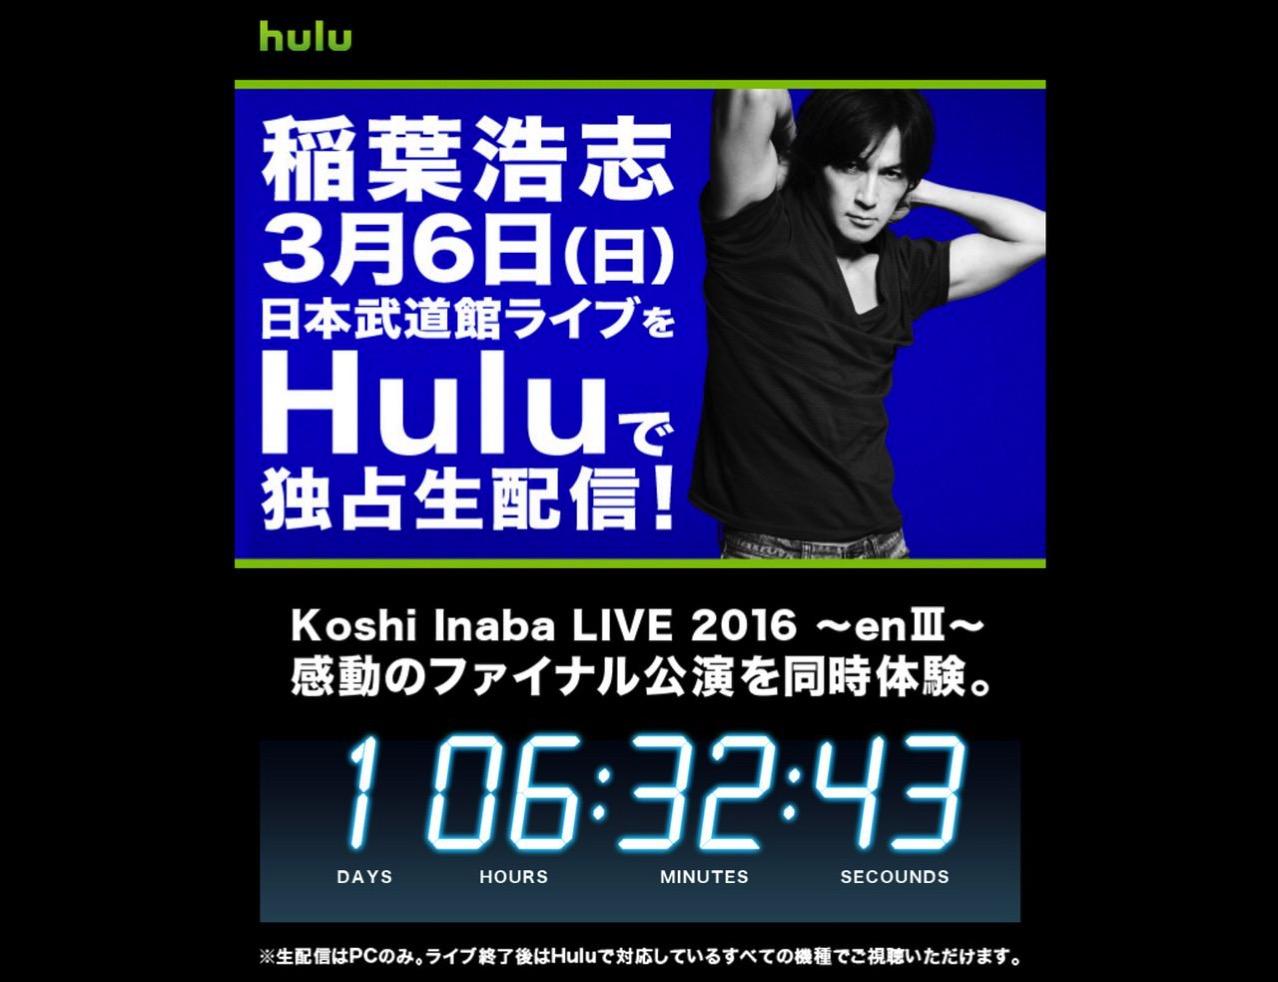 【Hulu】稲葉浩志の3月6日武道館ライブを独占生配信